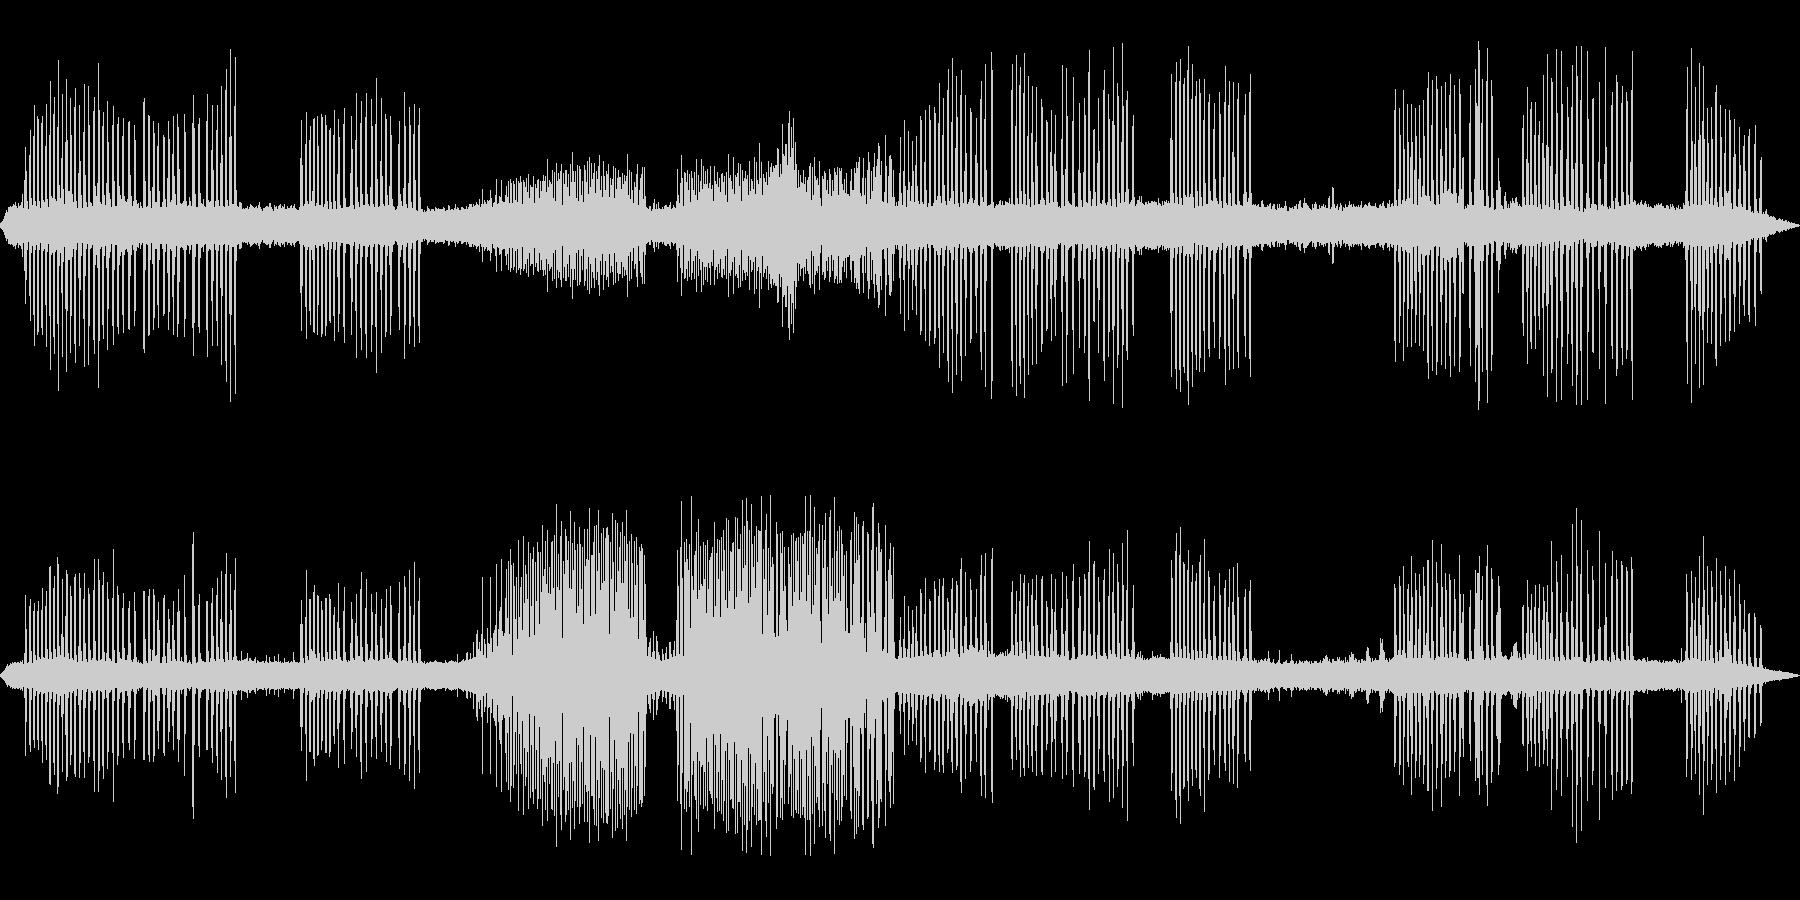 カエルの鳴き声-3の未再生の波形